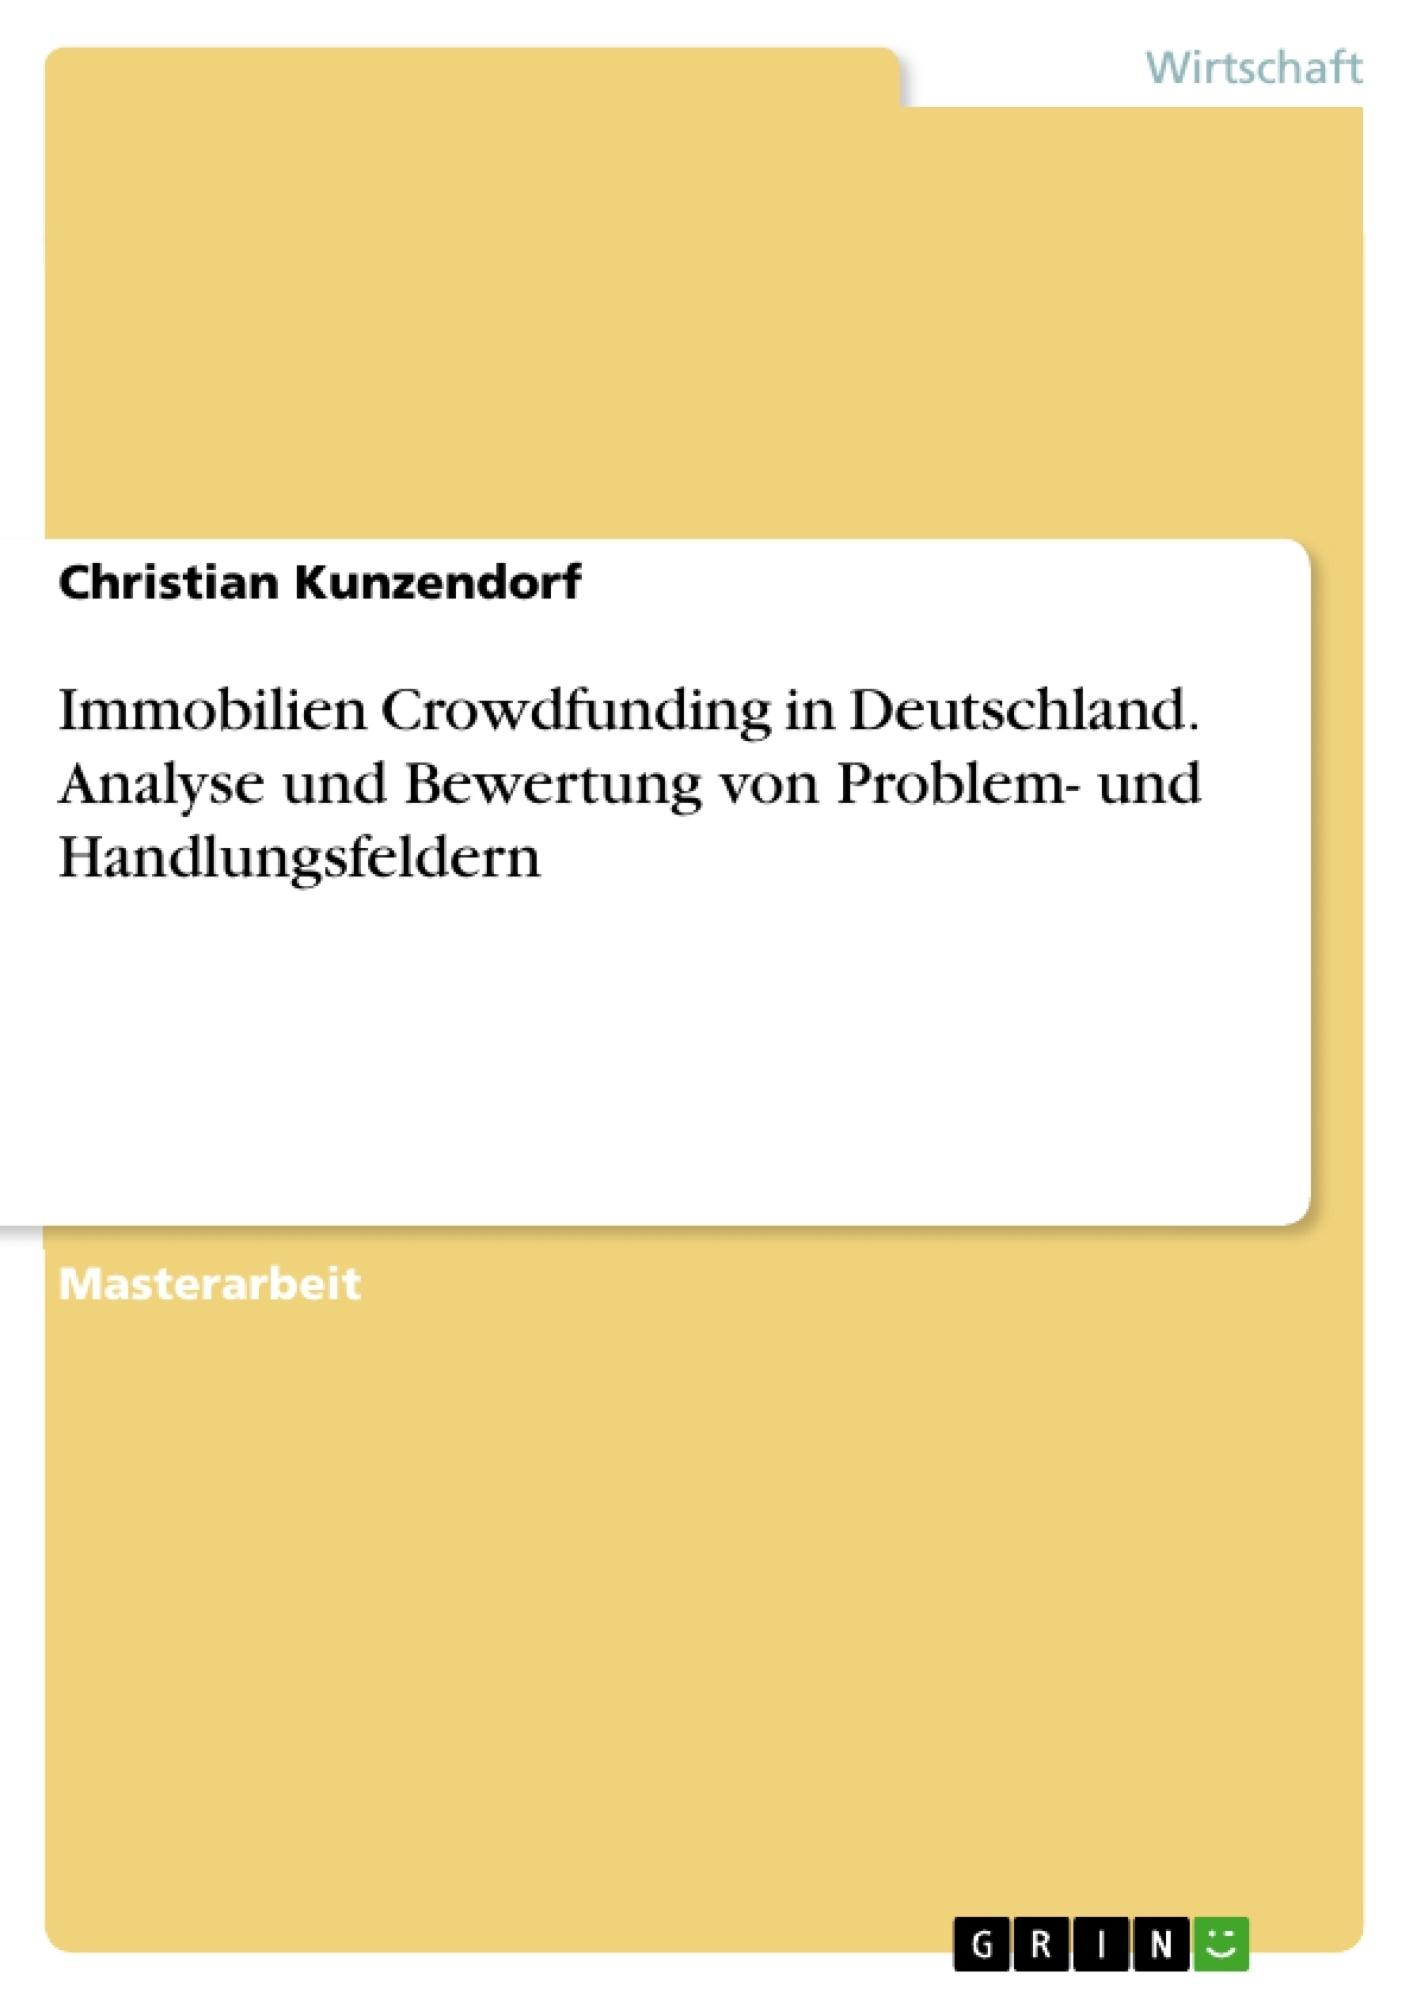 Titel: Immobilien Crowdfunding in Deutschland. Analyse und Bewertung von Problem- und Handlungsfeldern